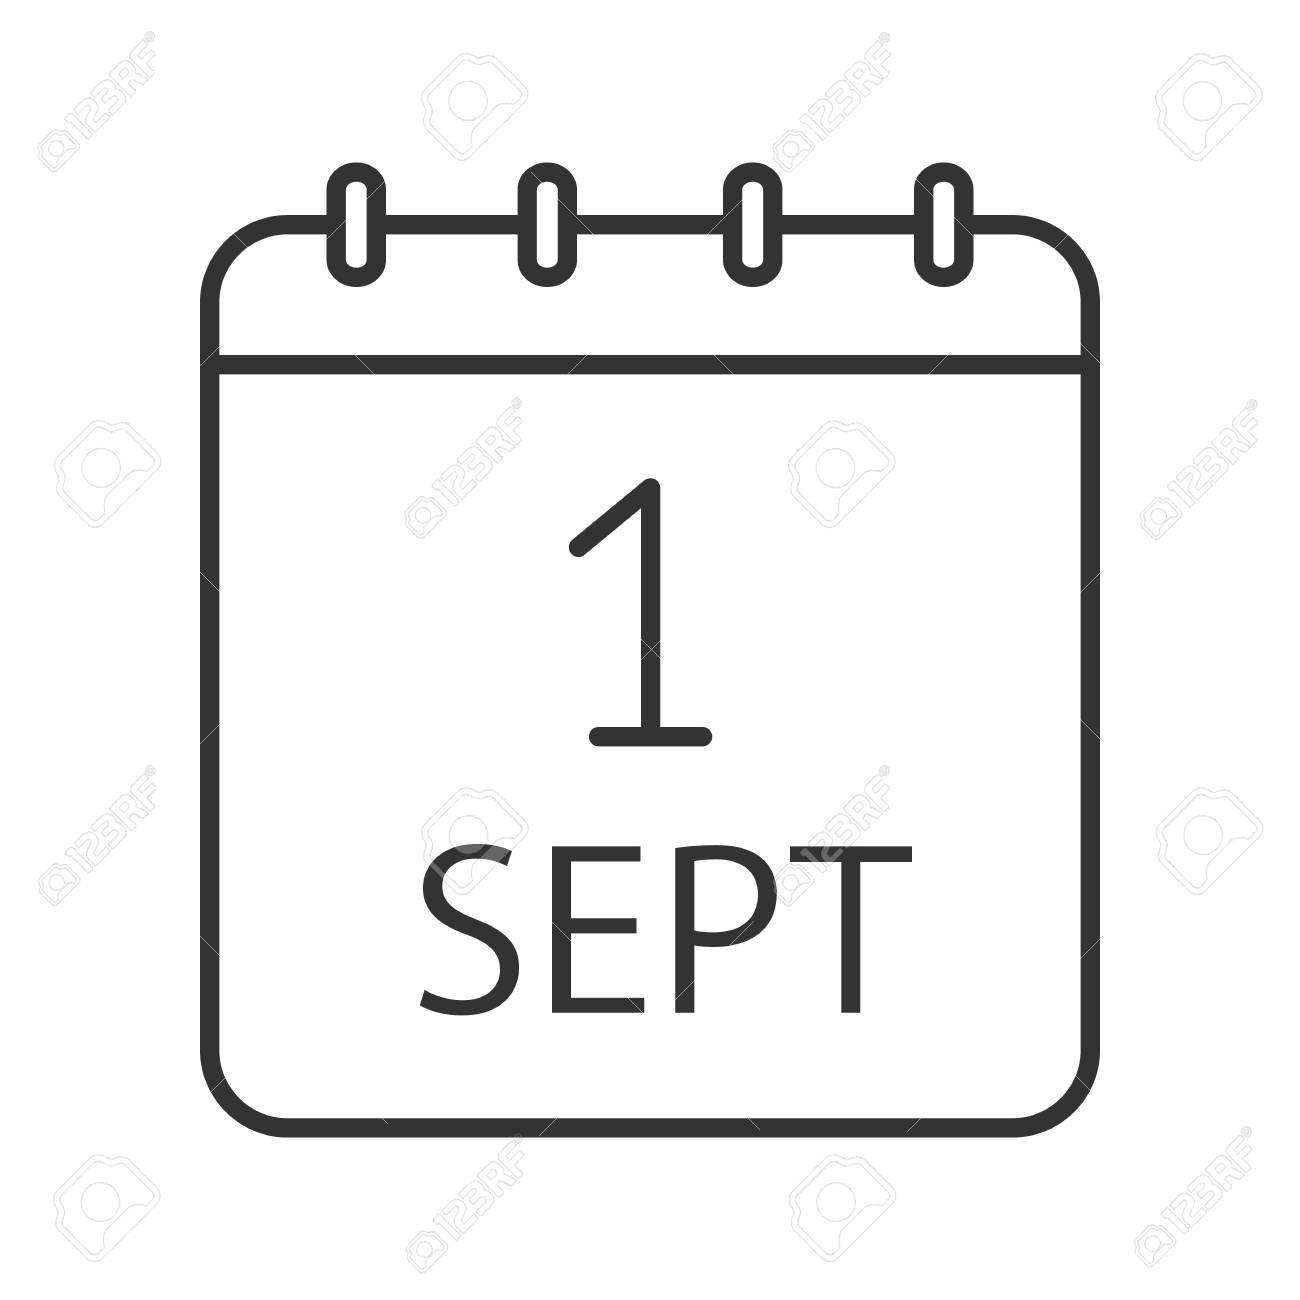 Calendario Dibujo Septiembre.Icono Lineal Del Dia Del Conocimiento Simbolo De Contorno De Vacaciones De Otono Calendario Primer Dia De Septiembre Ilustracion De Linea Delgada